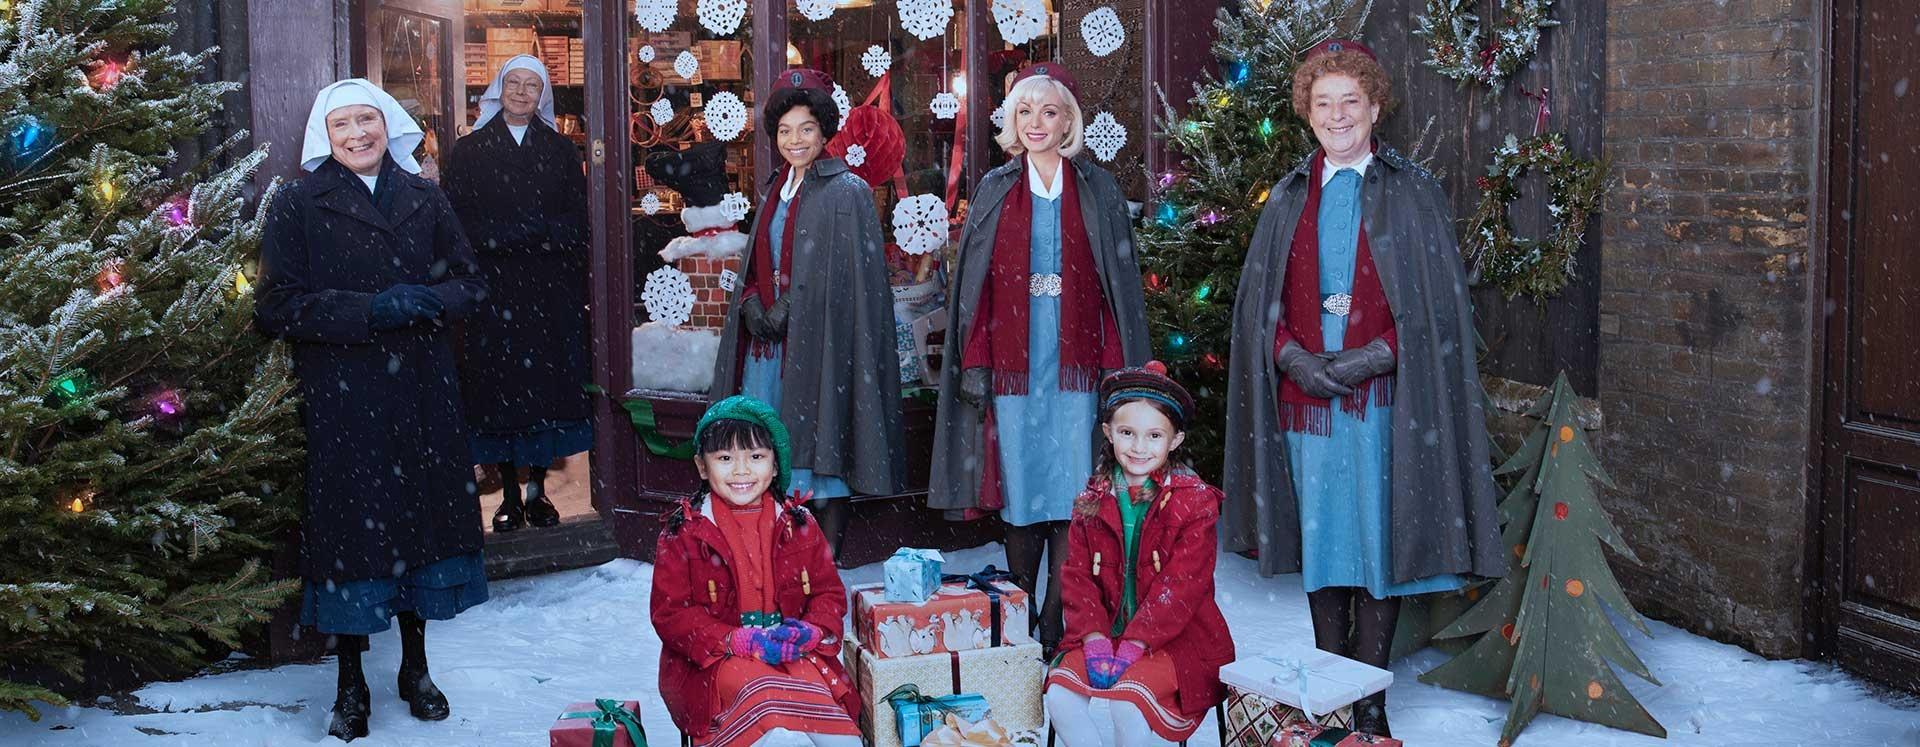 Holiday Programs on Nine PBS